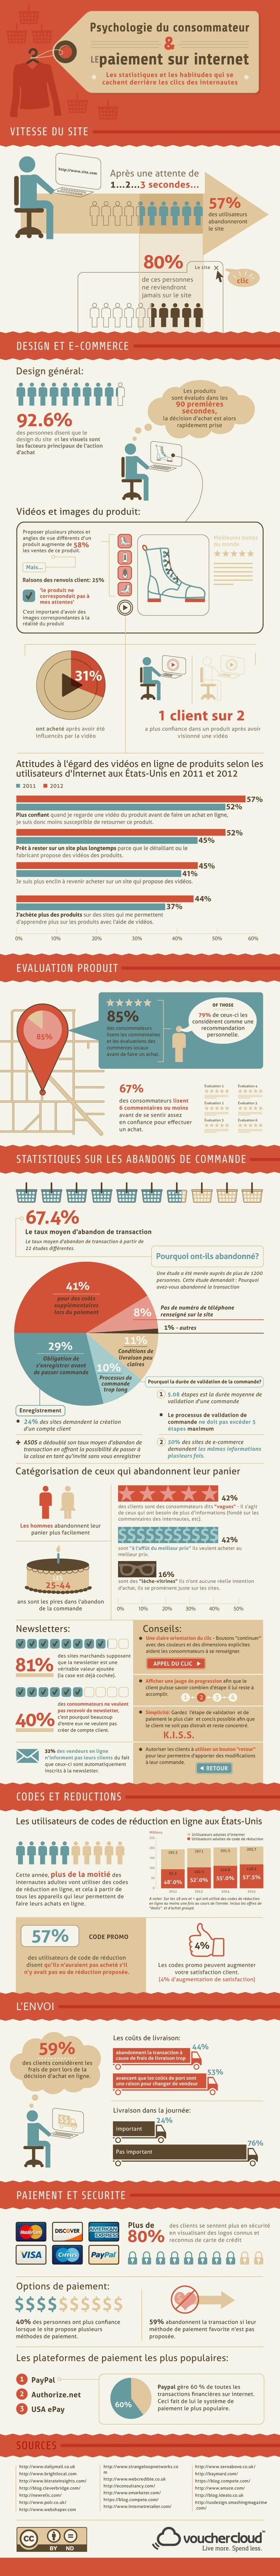 Infographie très intéressante sur la psychologie du consommateur et les paiements sur Internet.